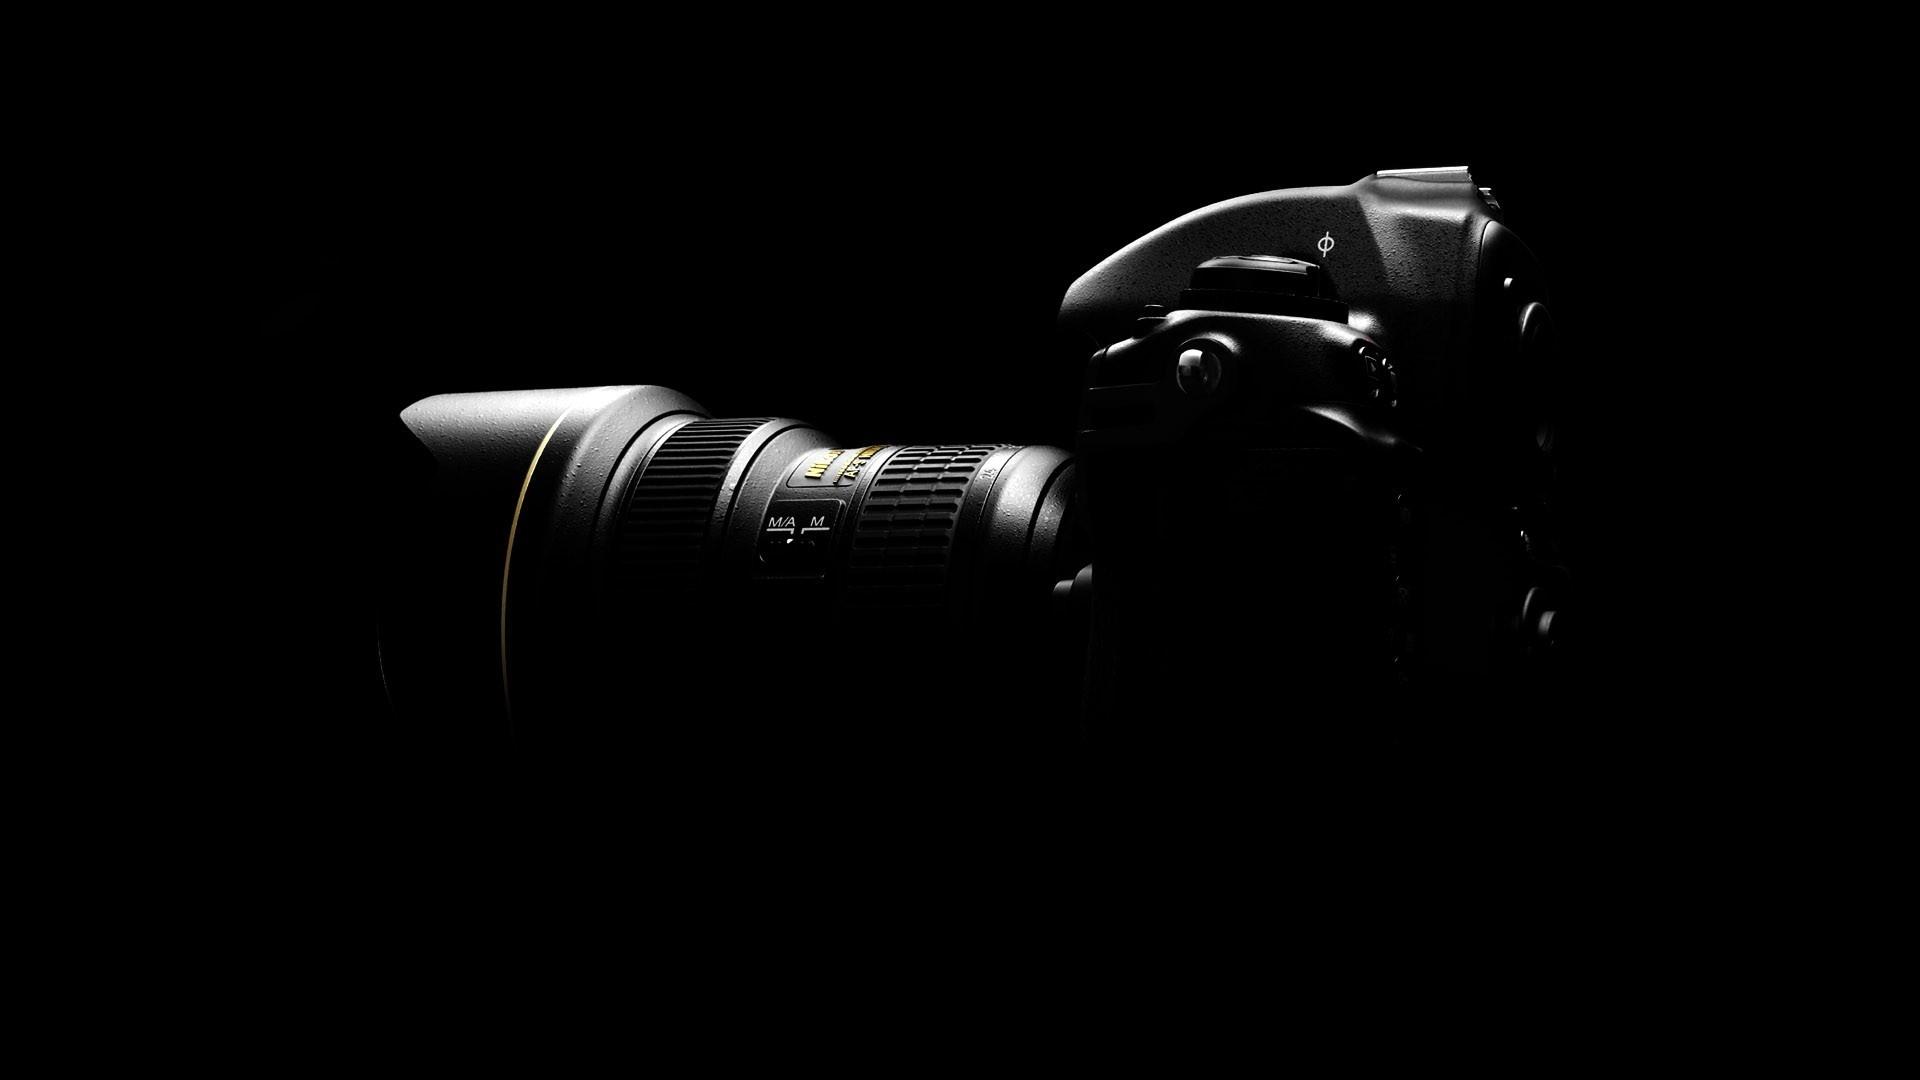 Download Wallpaper 1920x1080 camera, black, light, gray Full HD ...